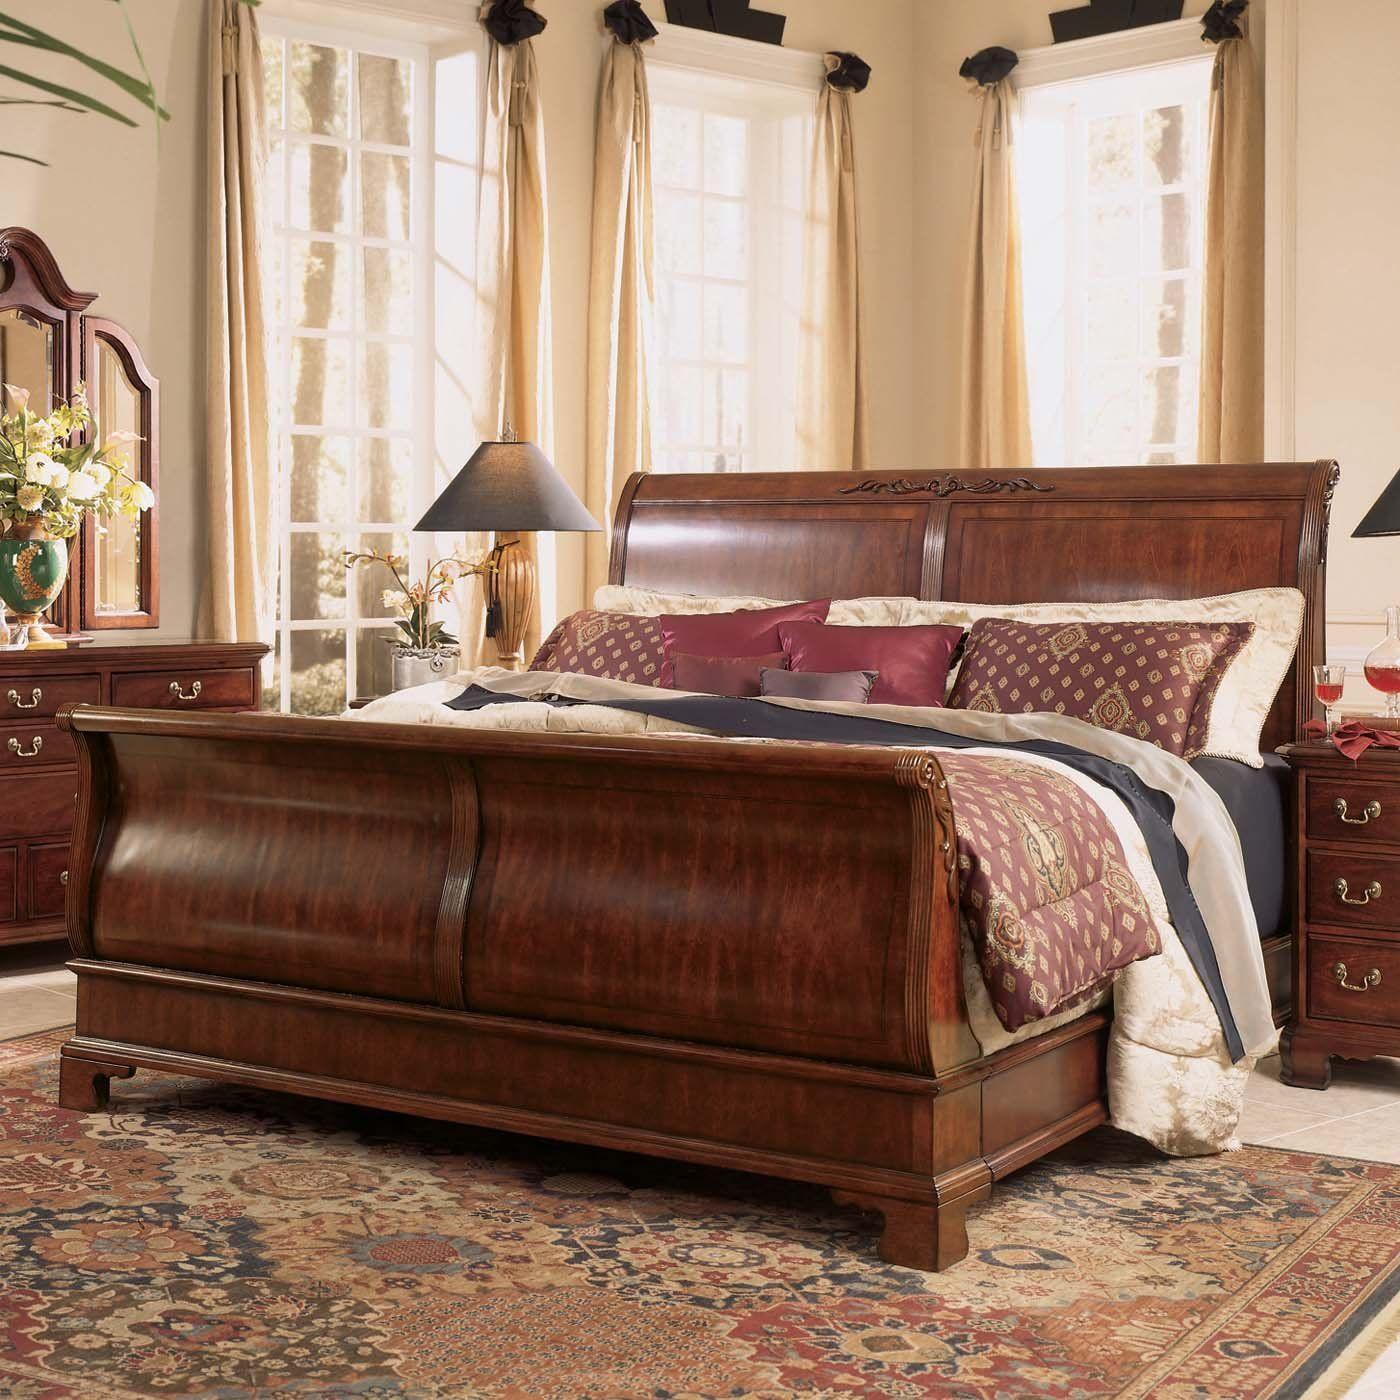 Sleigh Bed To Die For Sleigh Bedroom Set Bedroom Set Broyhill Bedroom Furniture